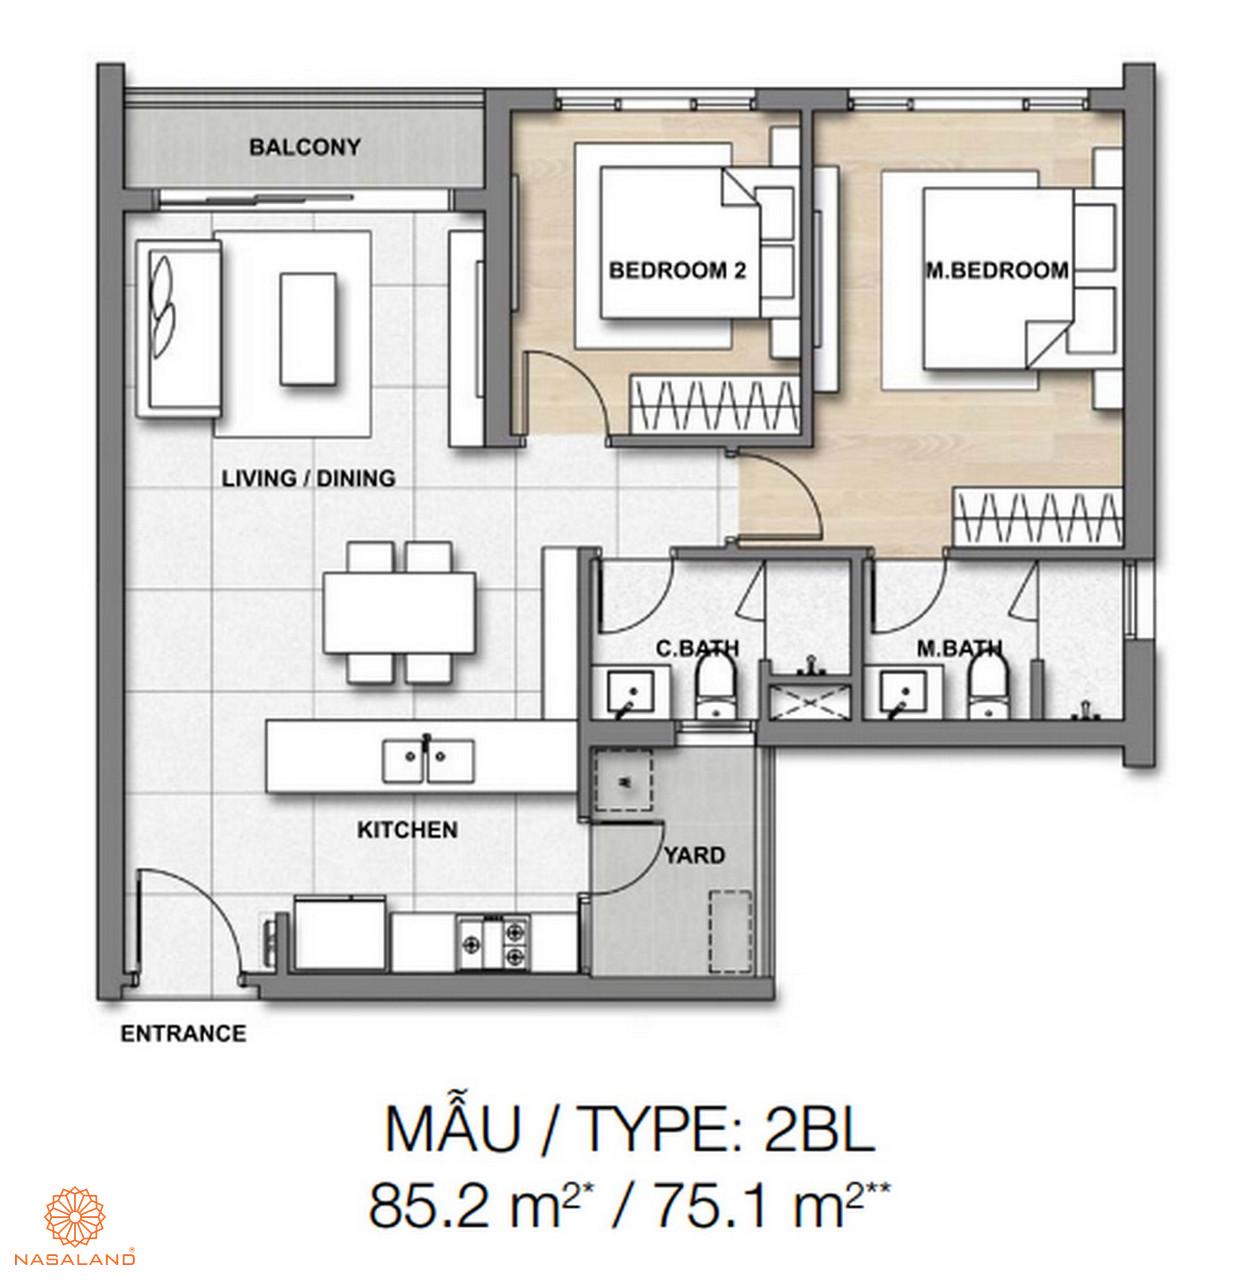 Mẫu thiết kế căn hộ Palm Springs số 3